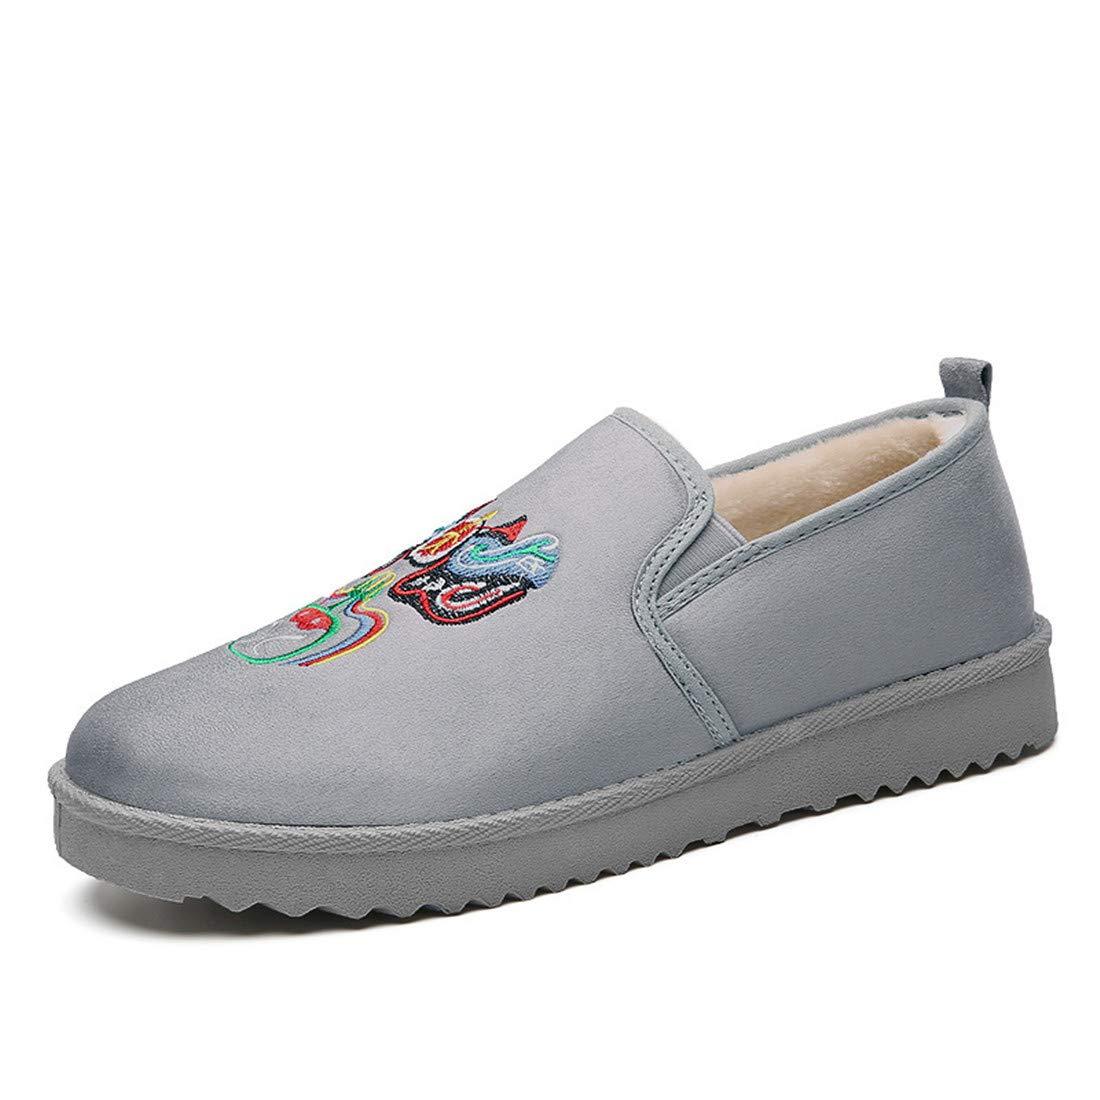 CAI&HONG-Domestics GHH Mode Baumwolle Schuhe Plus warme Männer SAMT